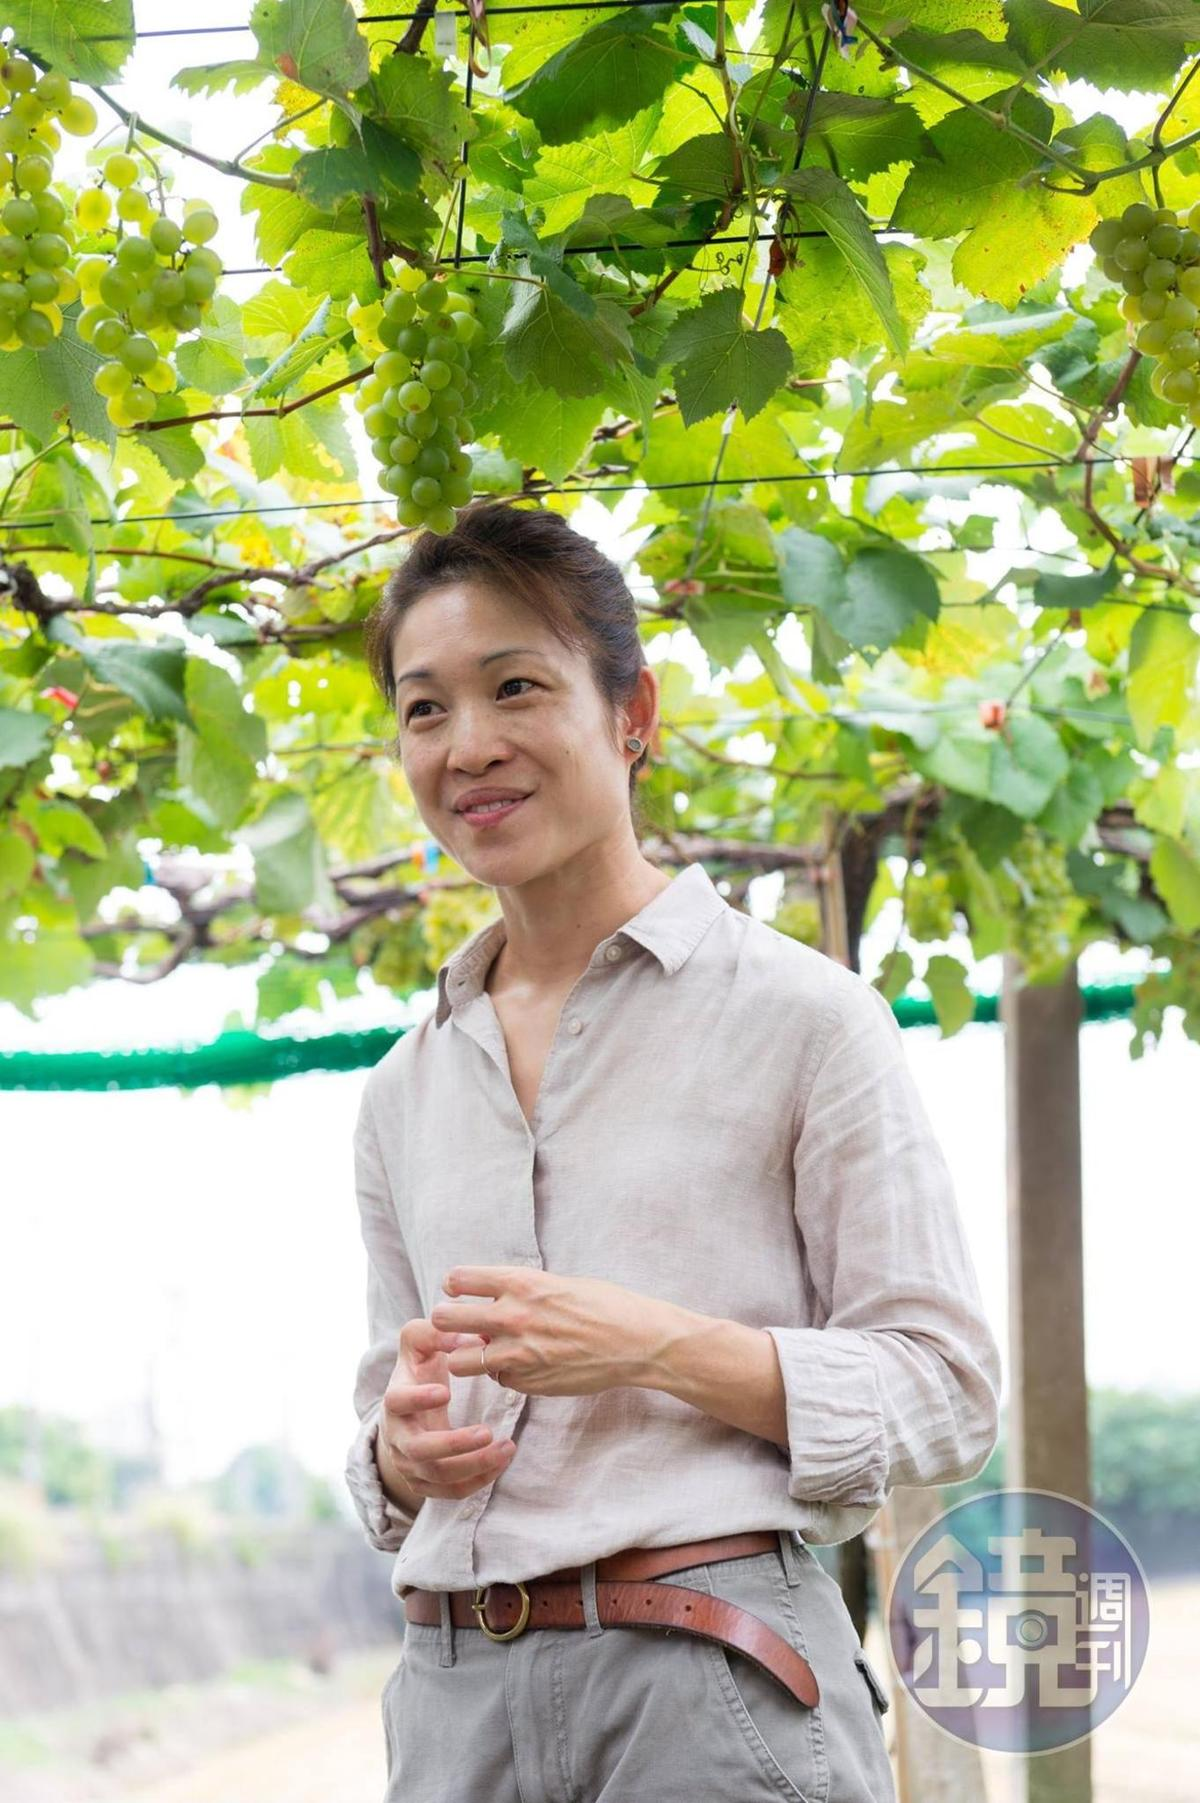 威石東酒莊負責人楊仁亞(Vivian)不畏困難,做出令人驚艷的台灣氣泡酒。